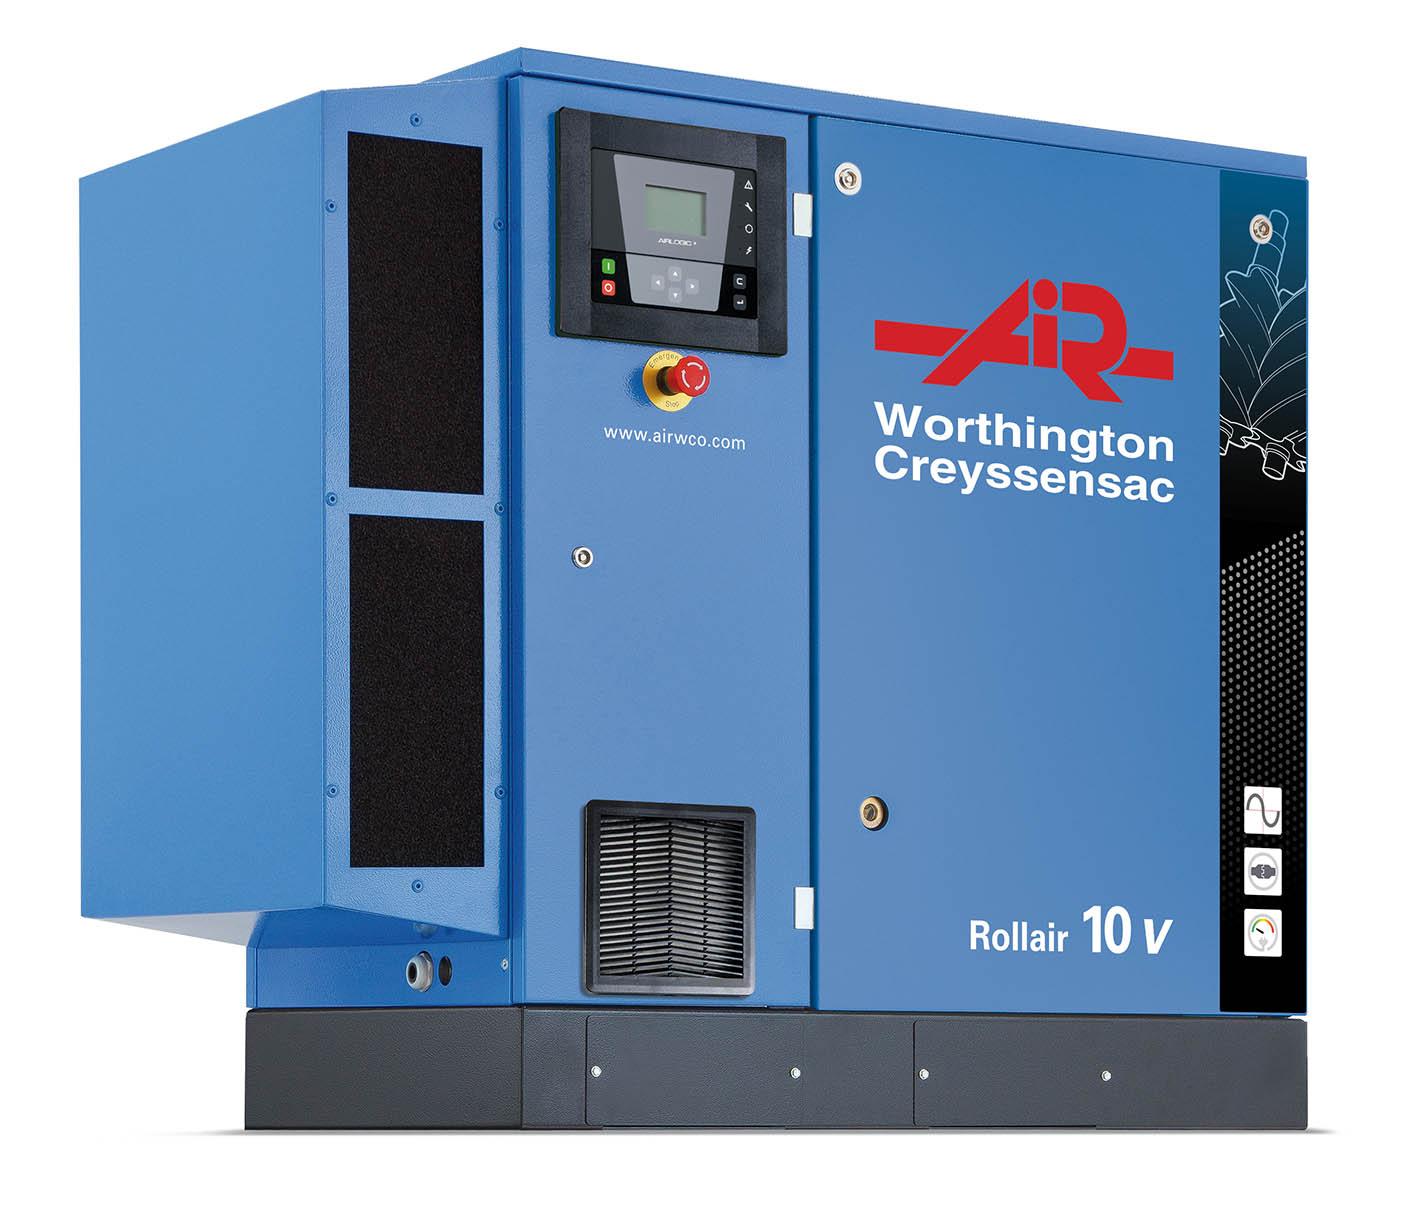 Compressore Worthington